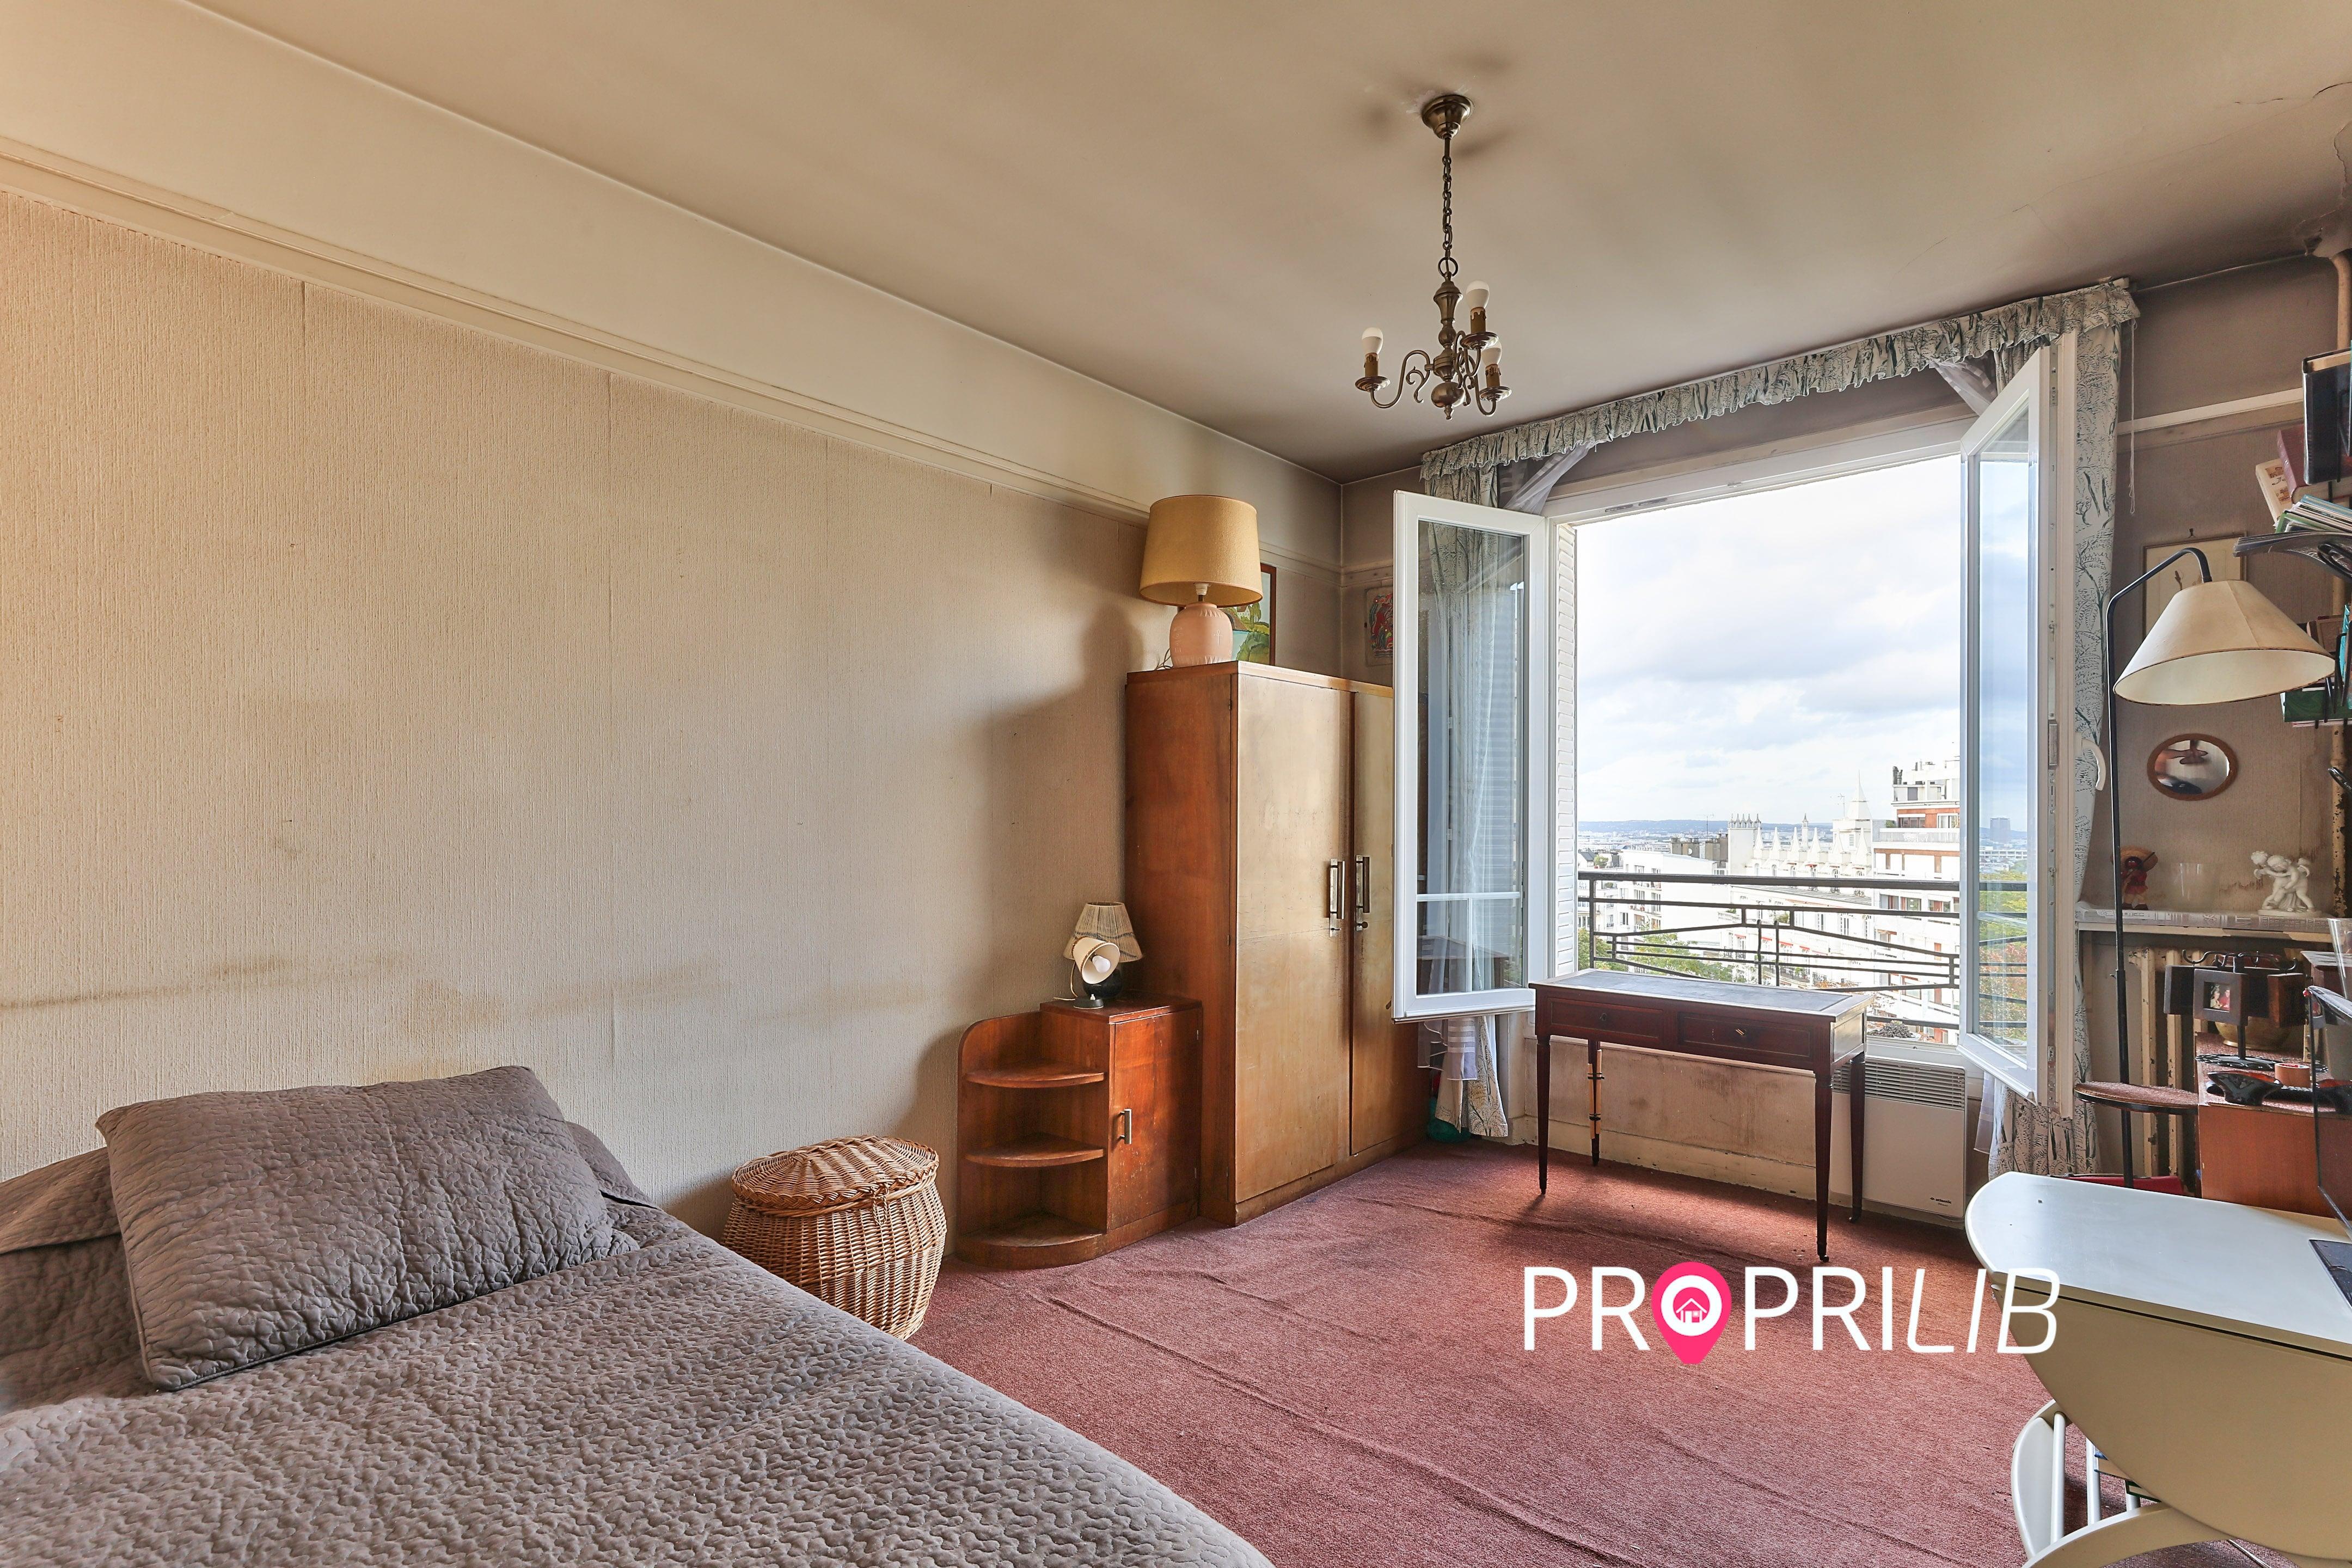 PropriLib l'agence immobilière en ligne à commission fixe vend cet appartement à Paris 19 ème